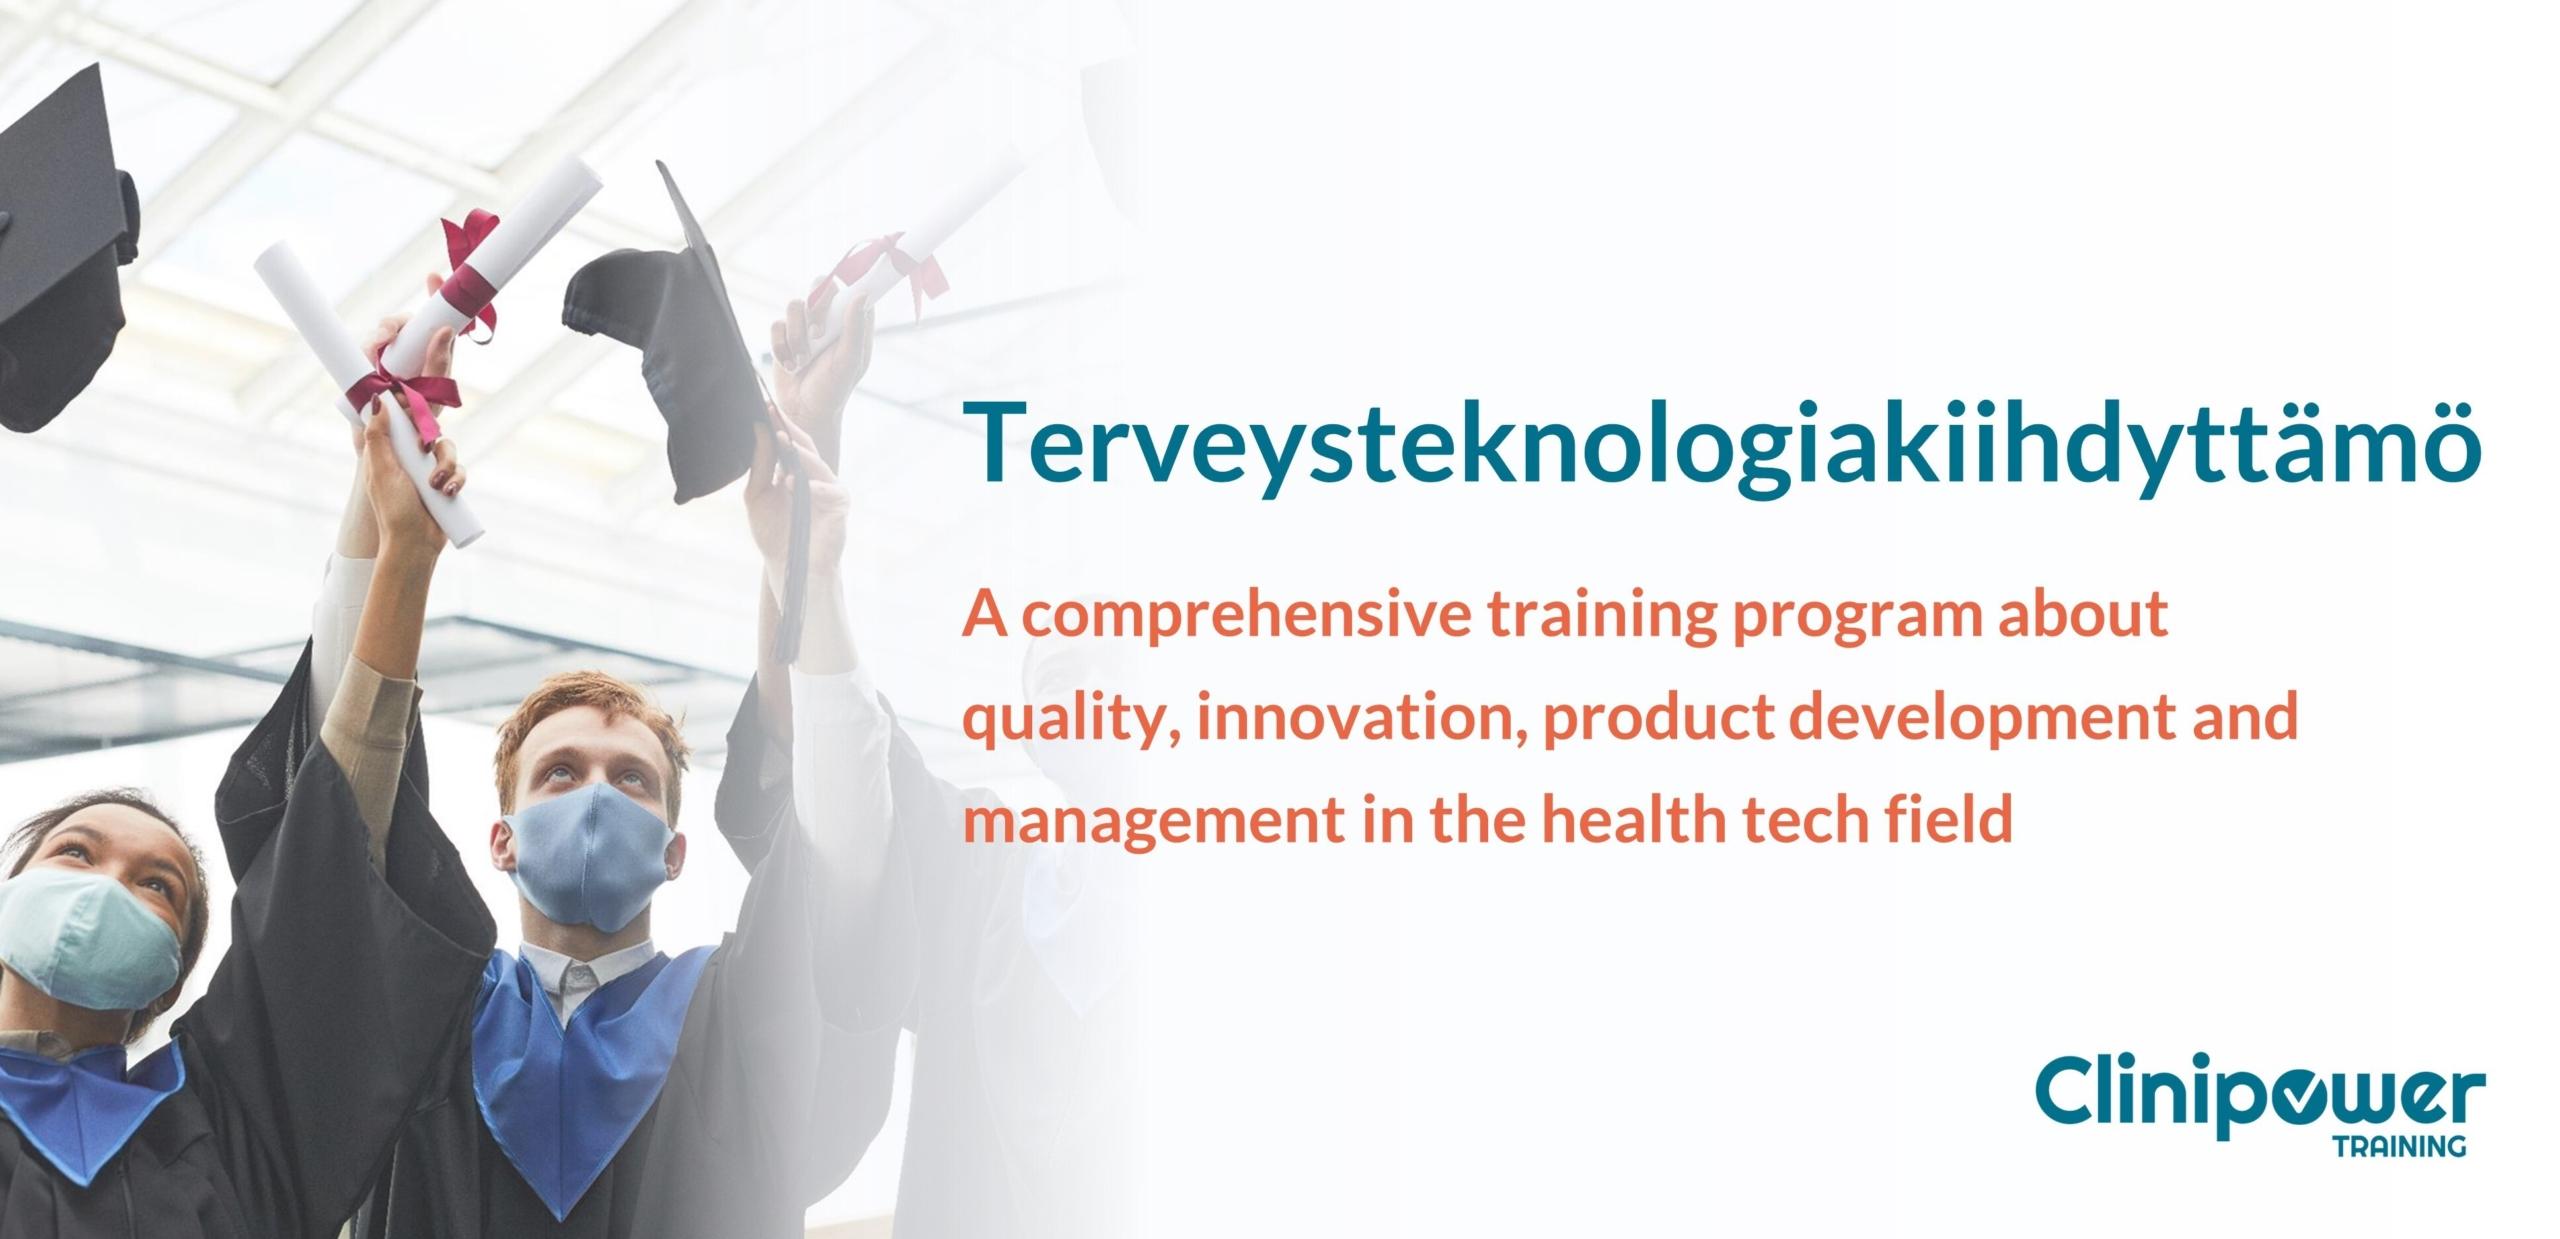 The banner of Terveysteknologiakiihdyttämö